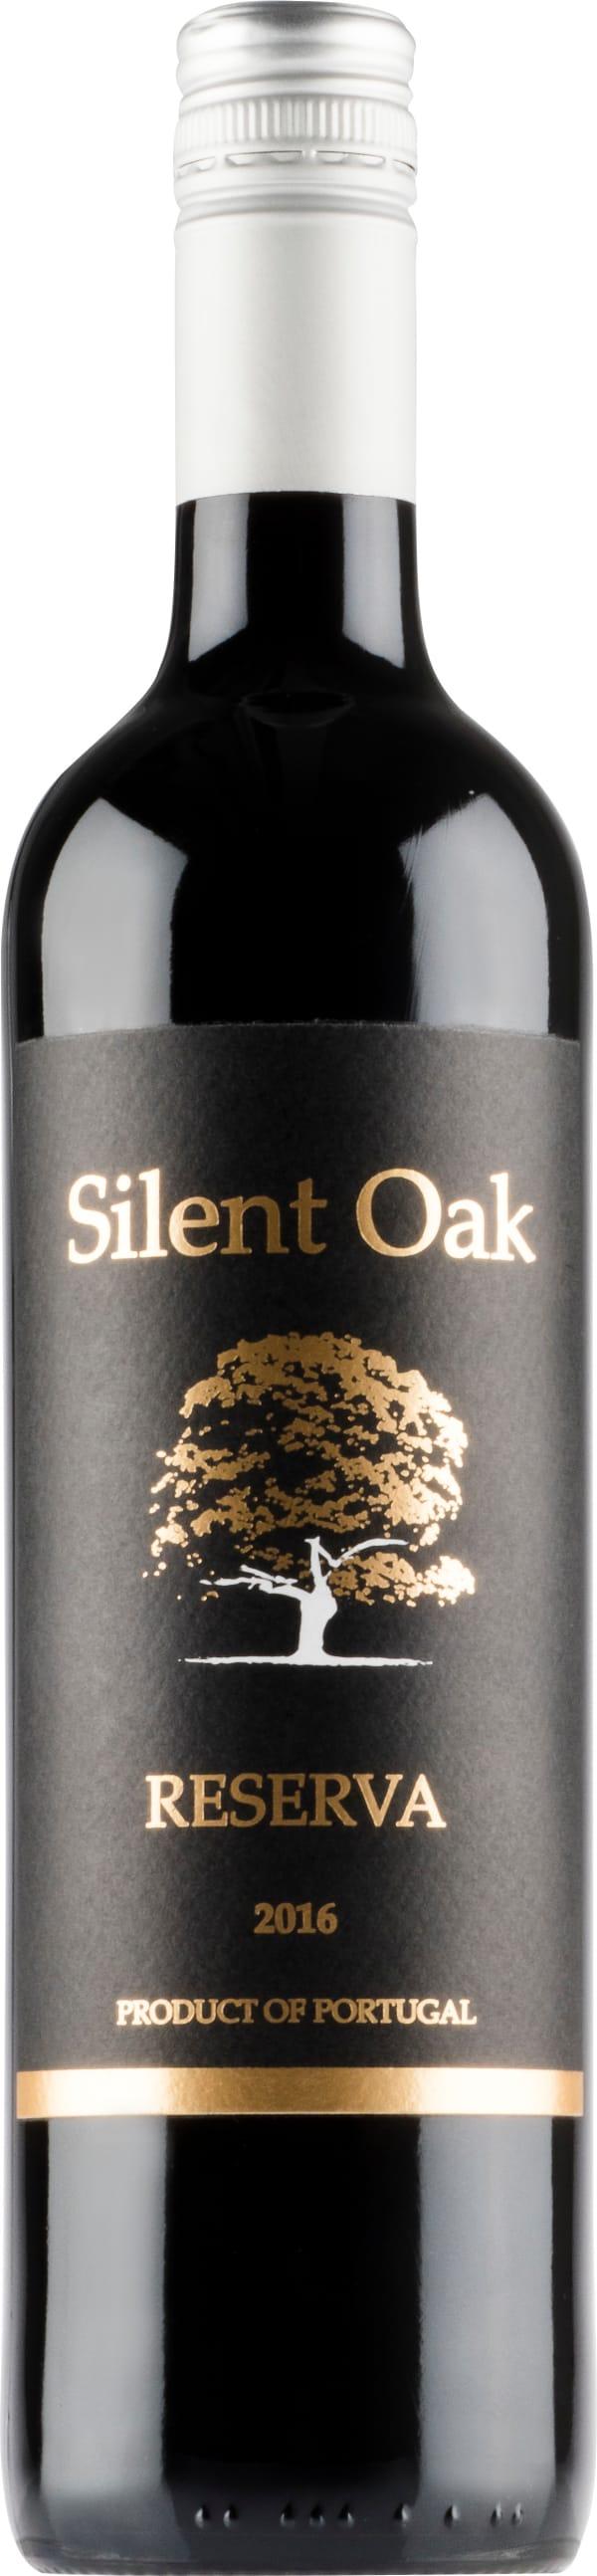 Silent Oak Reserva 2016